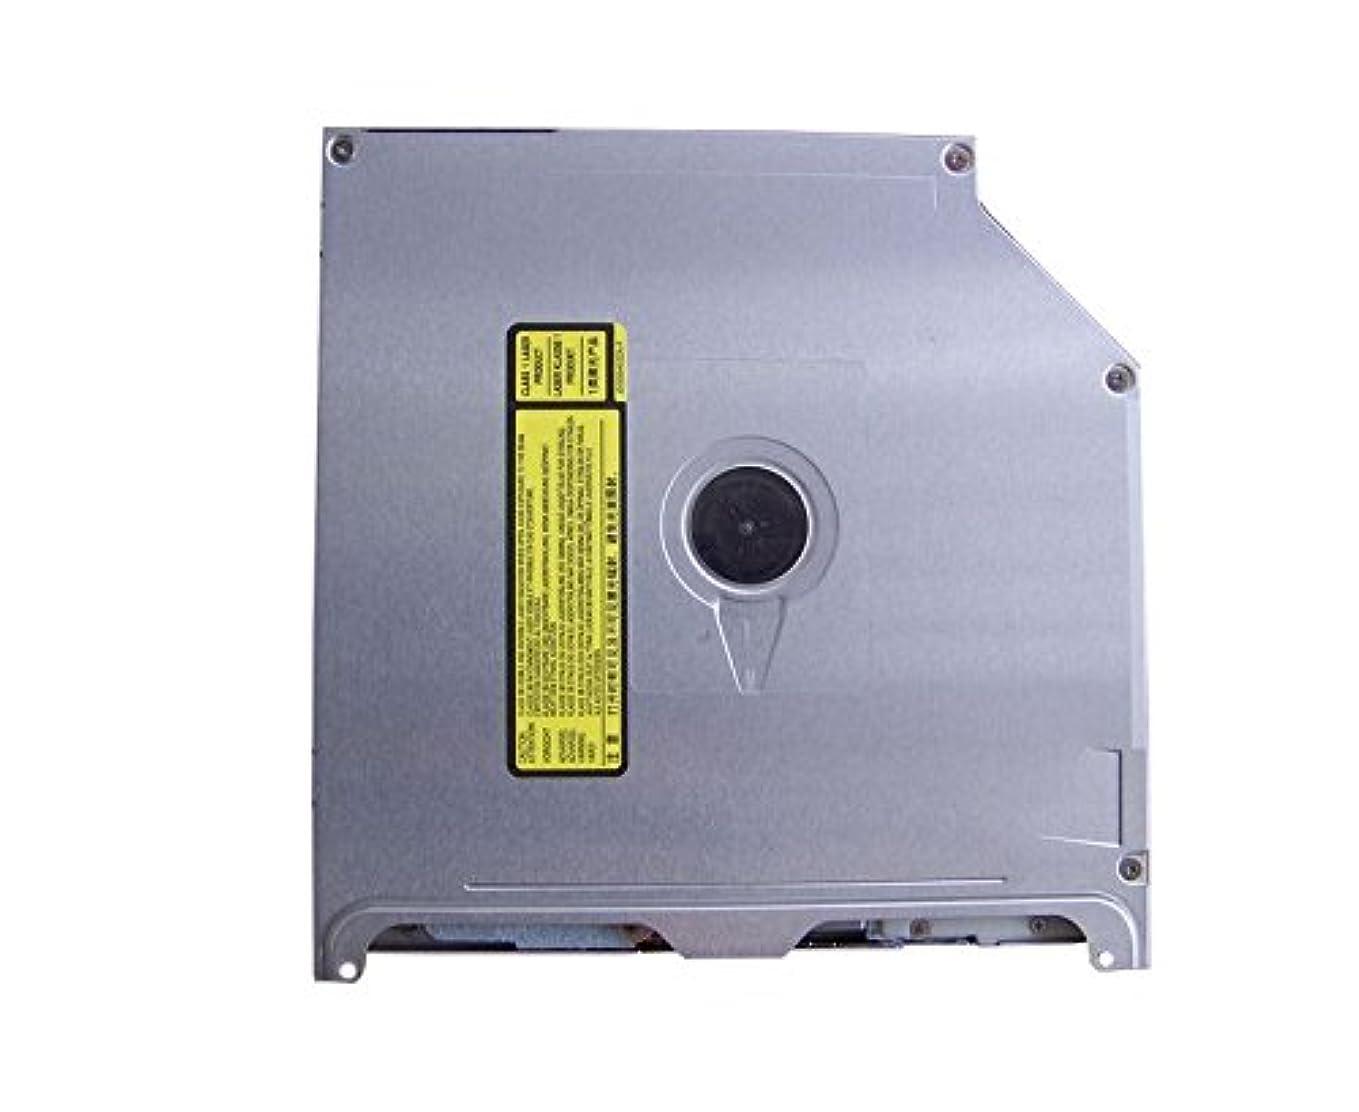 識別する五月ピンDVDドライブ/DVDスーパーマルチドライブ 9.5mm SATA (スロットイン型) 内蔵型 MB990J/A MB991J/A, MC374J/A, MC375J/A MB467J/A, A1278 MC373J/A, A1286 MC207J/A, A1342 MC516J/A, A1342 Mid 2009 2010 修理交換用